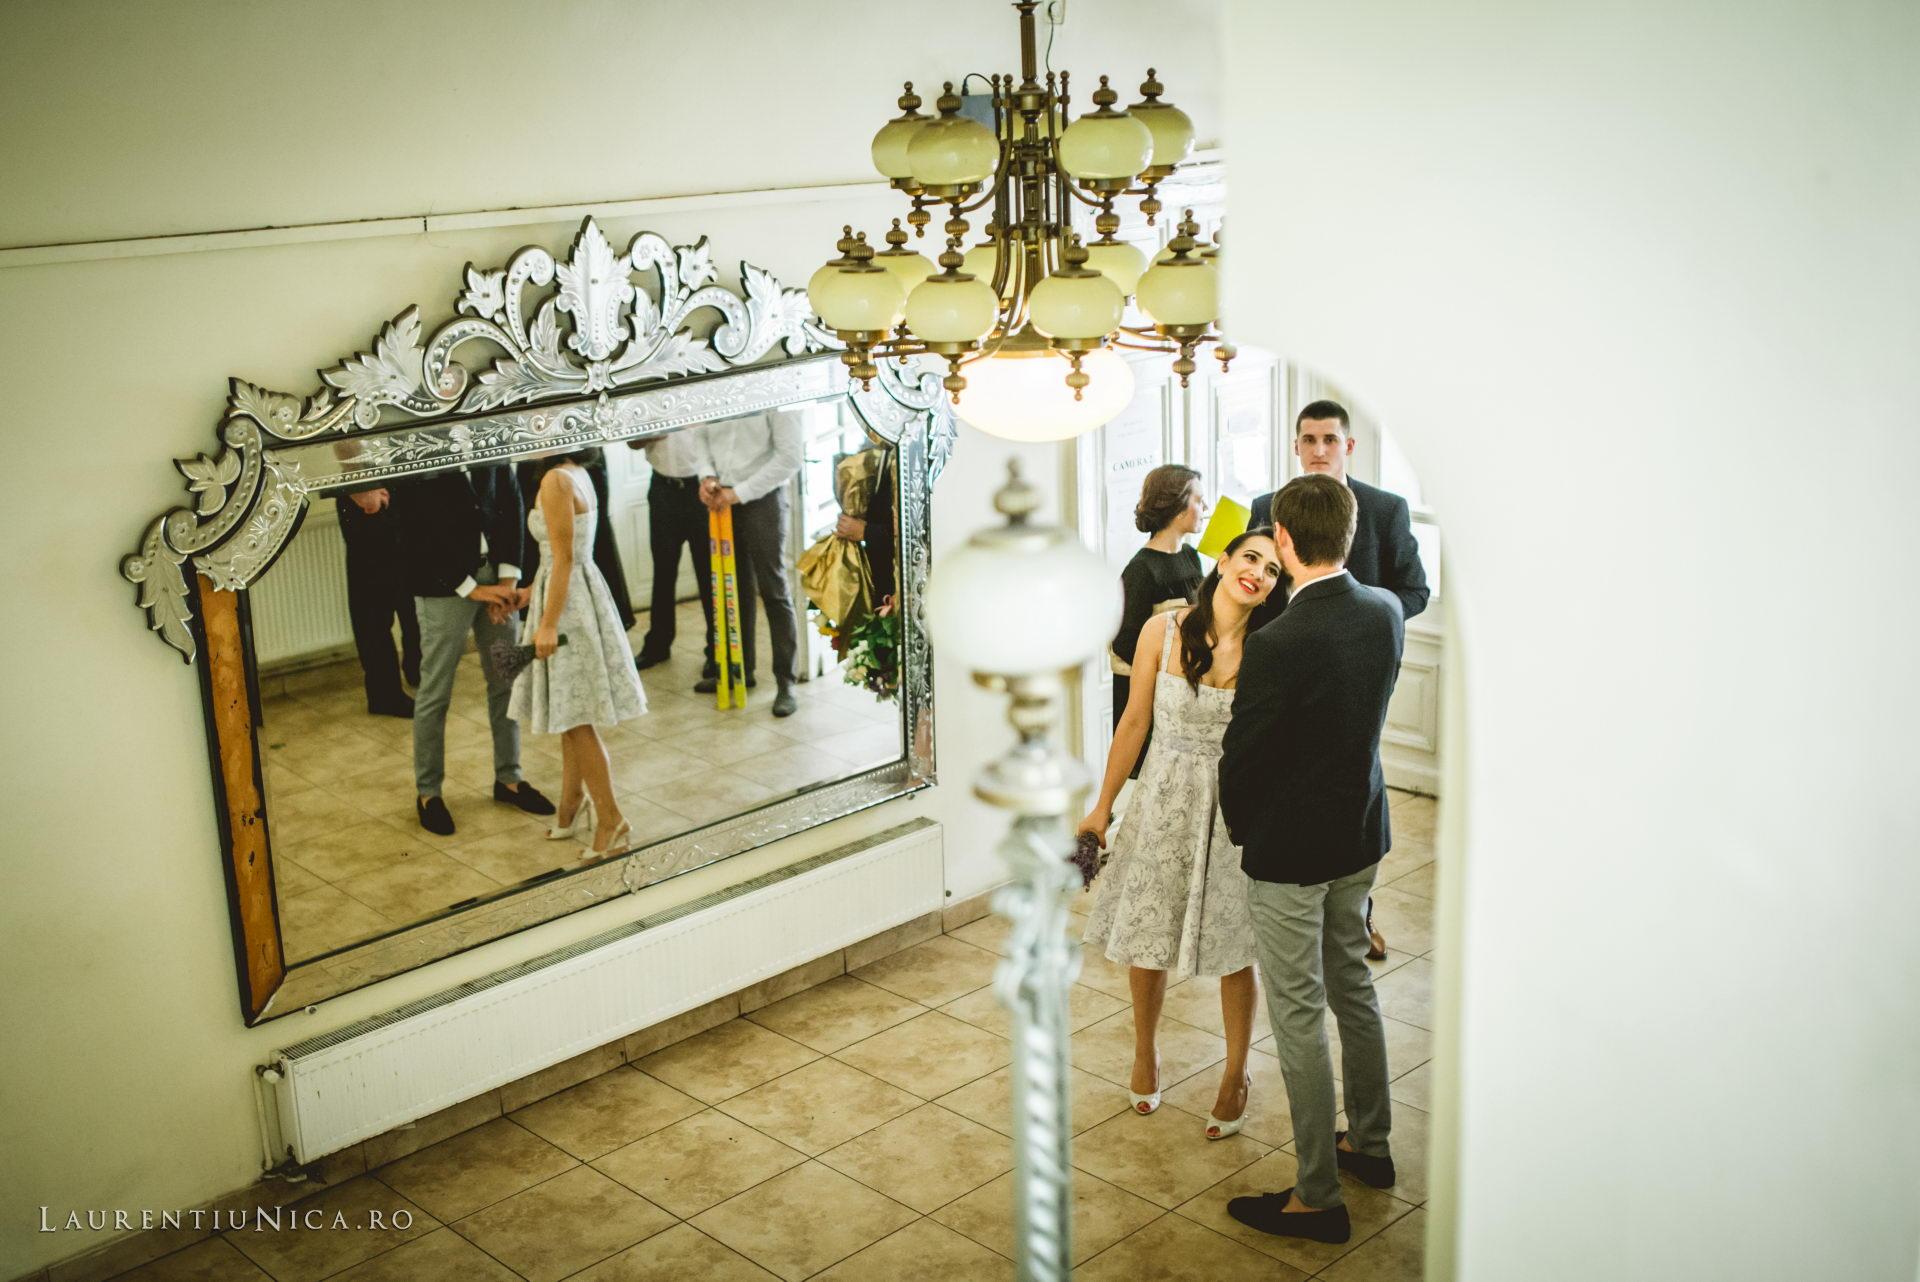 Cristina si Ovidiu nunta Craiova fotograf laurentiu nica 001 - Cristina & Ovidiu | Fotografii nunta | Craiova